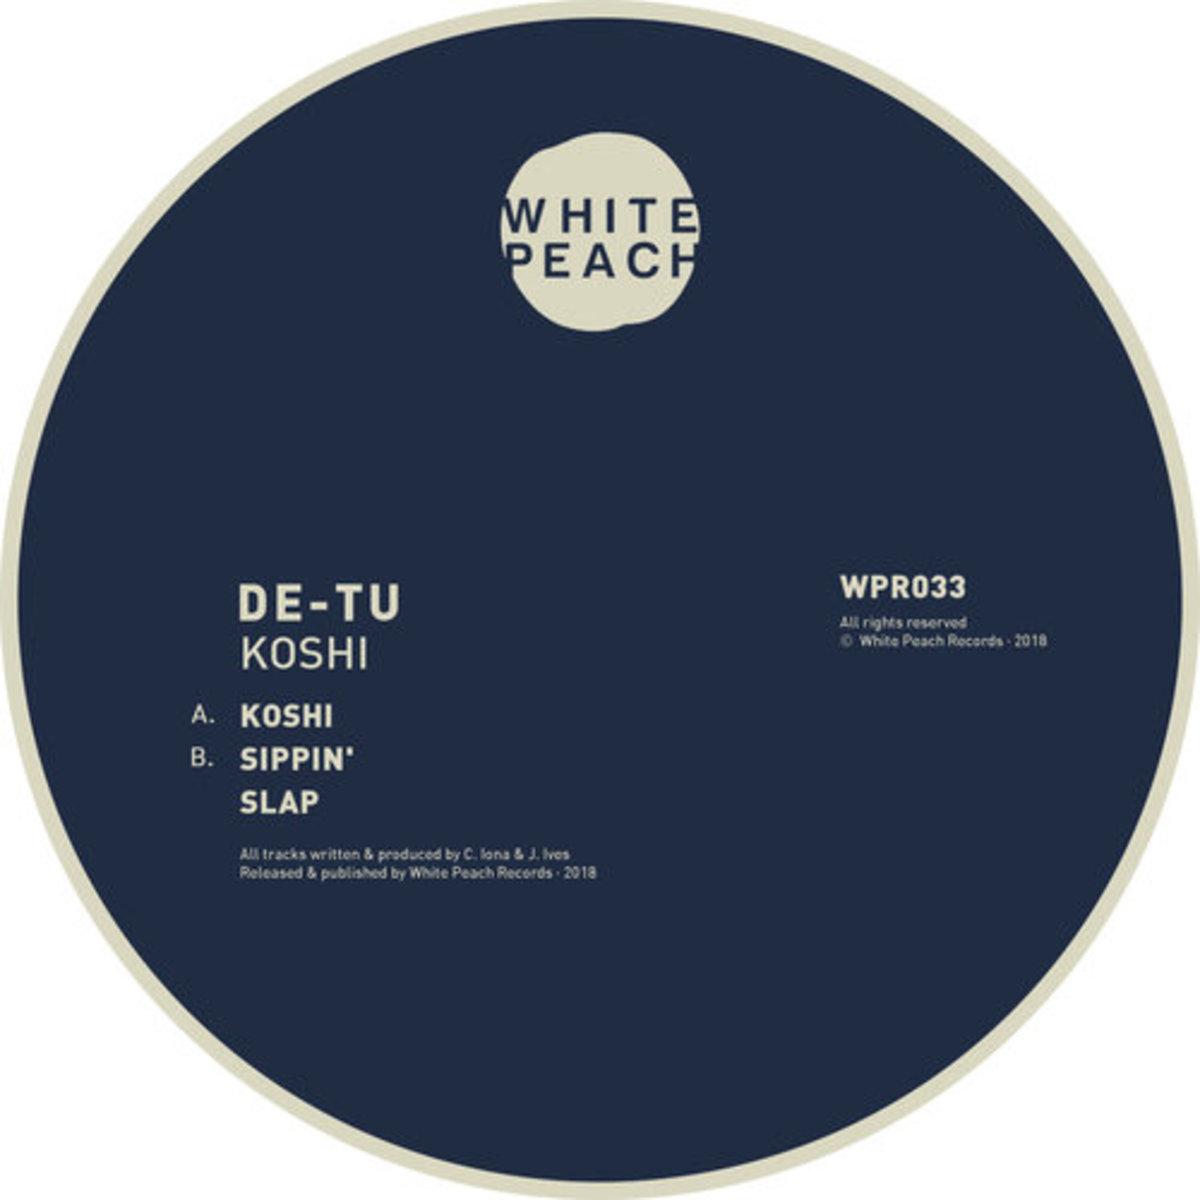 WPR033 : DE-TU - Koshi EP